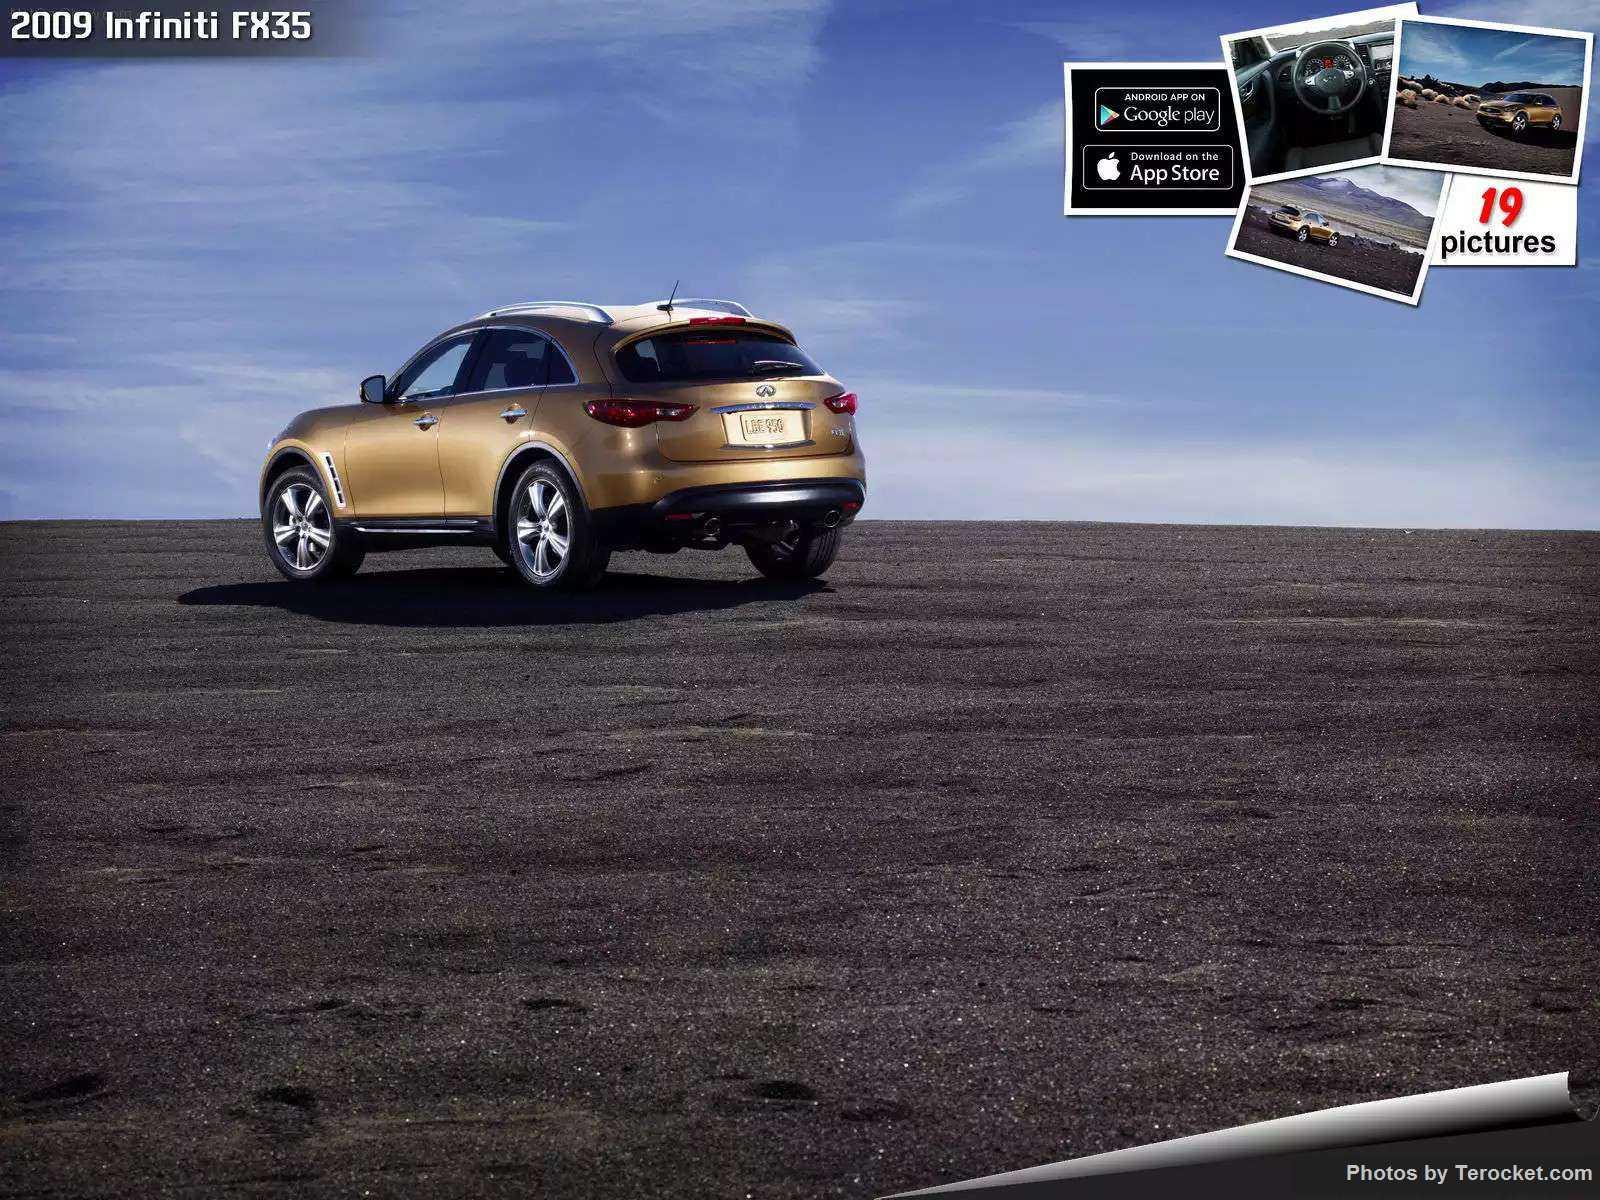 Hình ảnh xe ô tô Infiniti FX35 2009 & nội ngoại thất